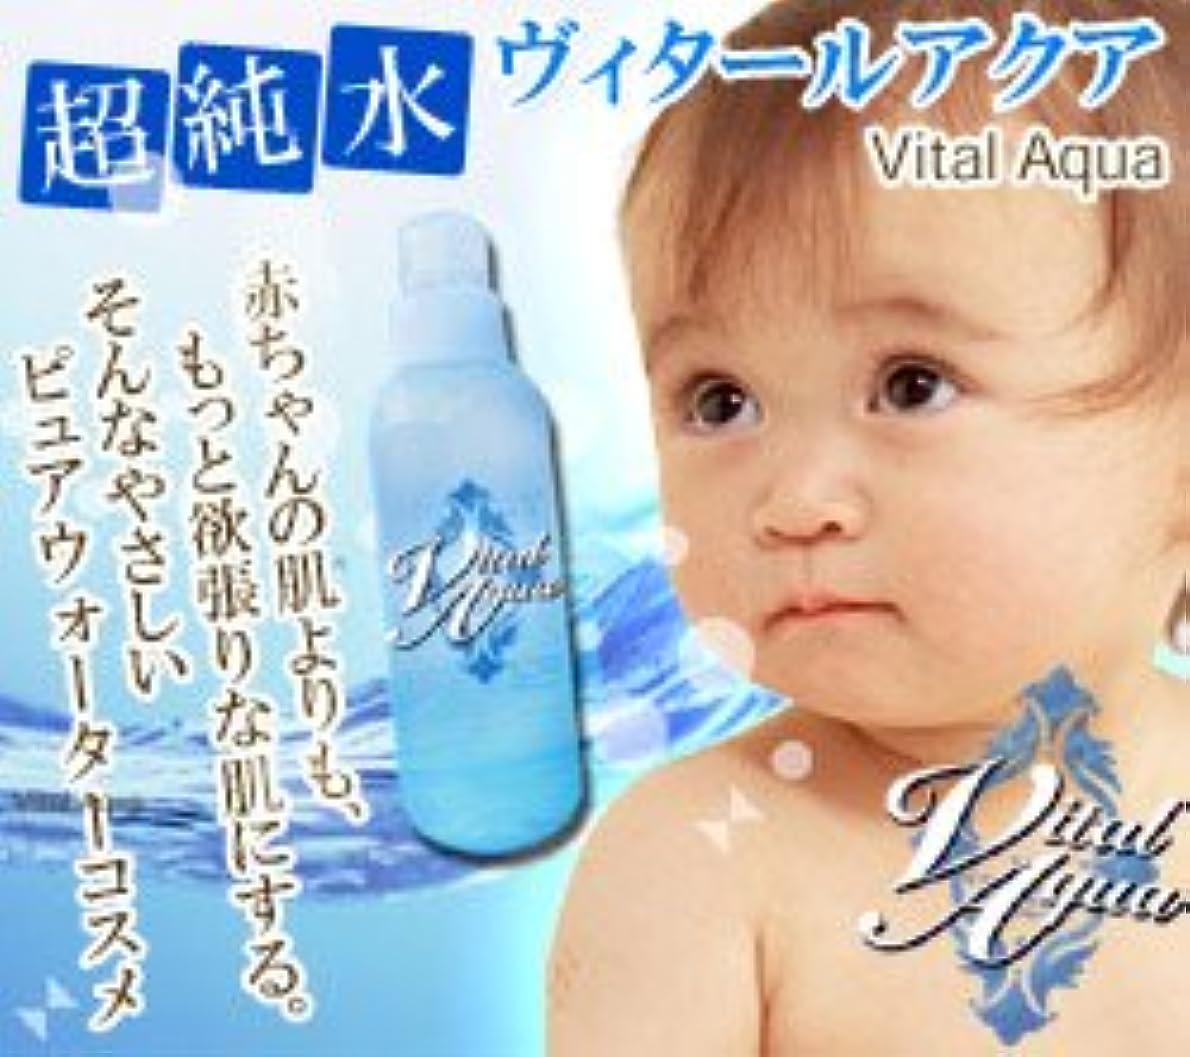 成熟監督する報復する超純水化粧水 ヴィタールアクア200ml